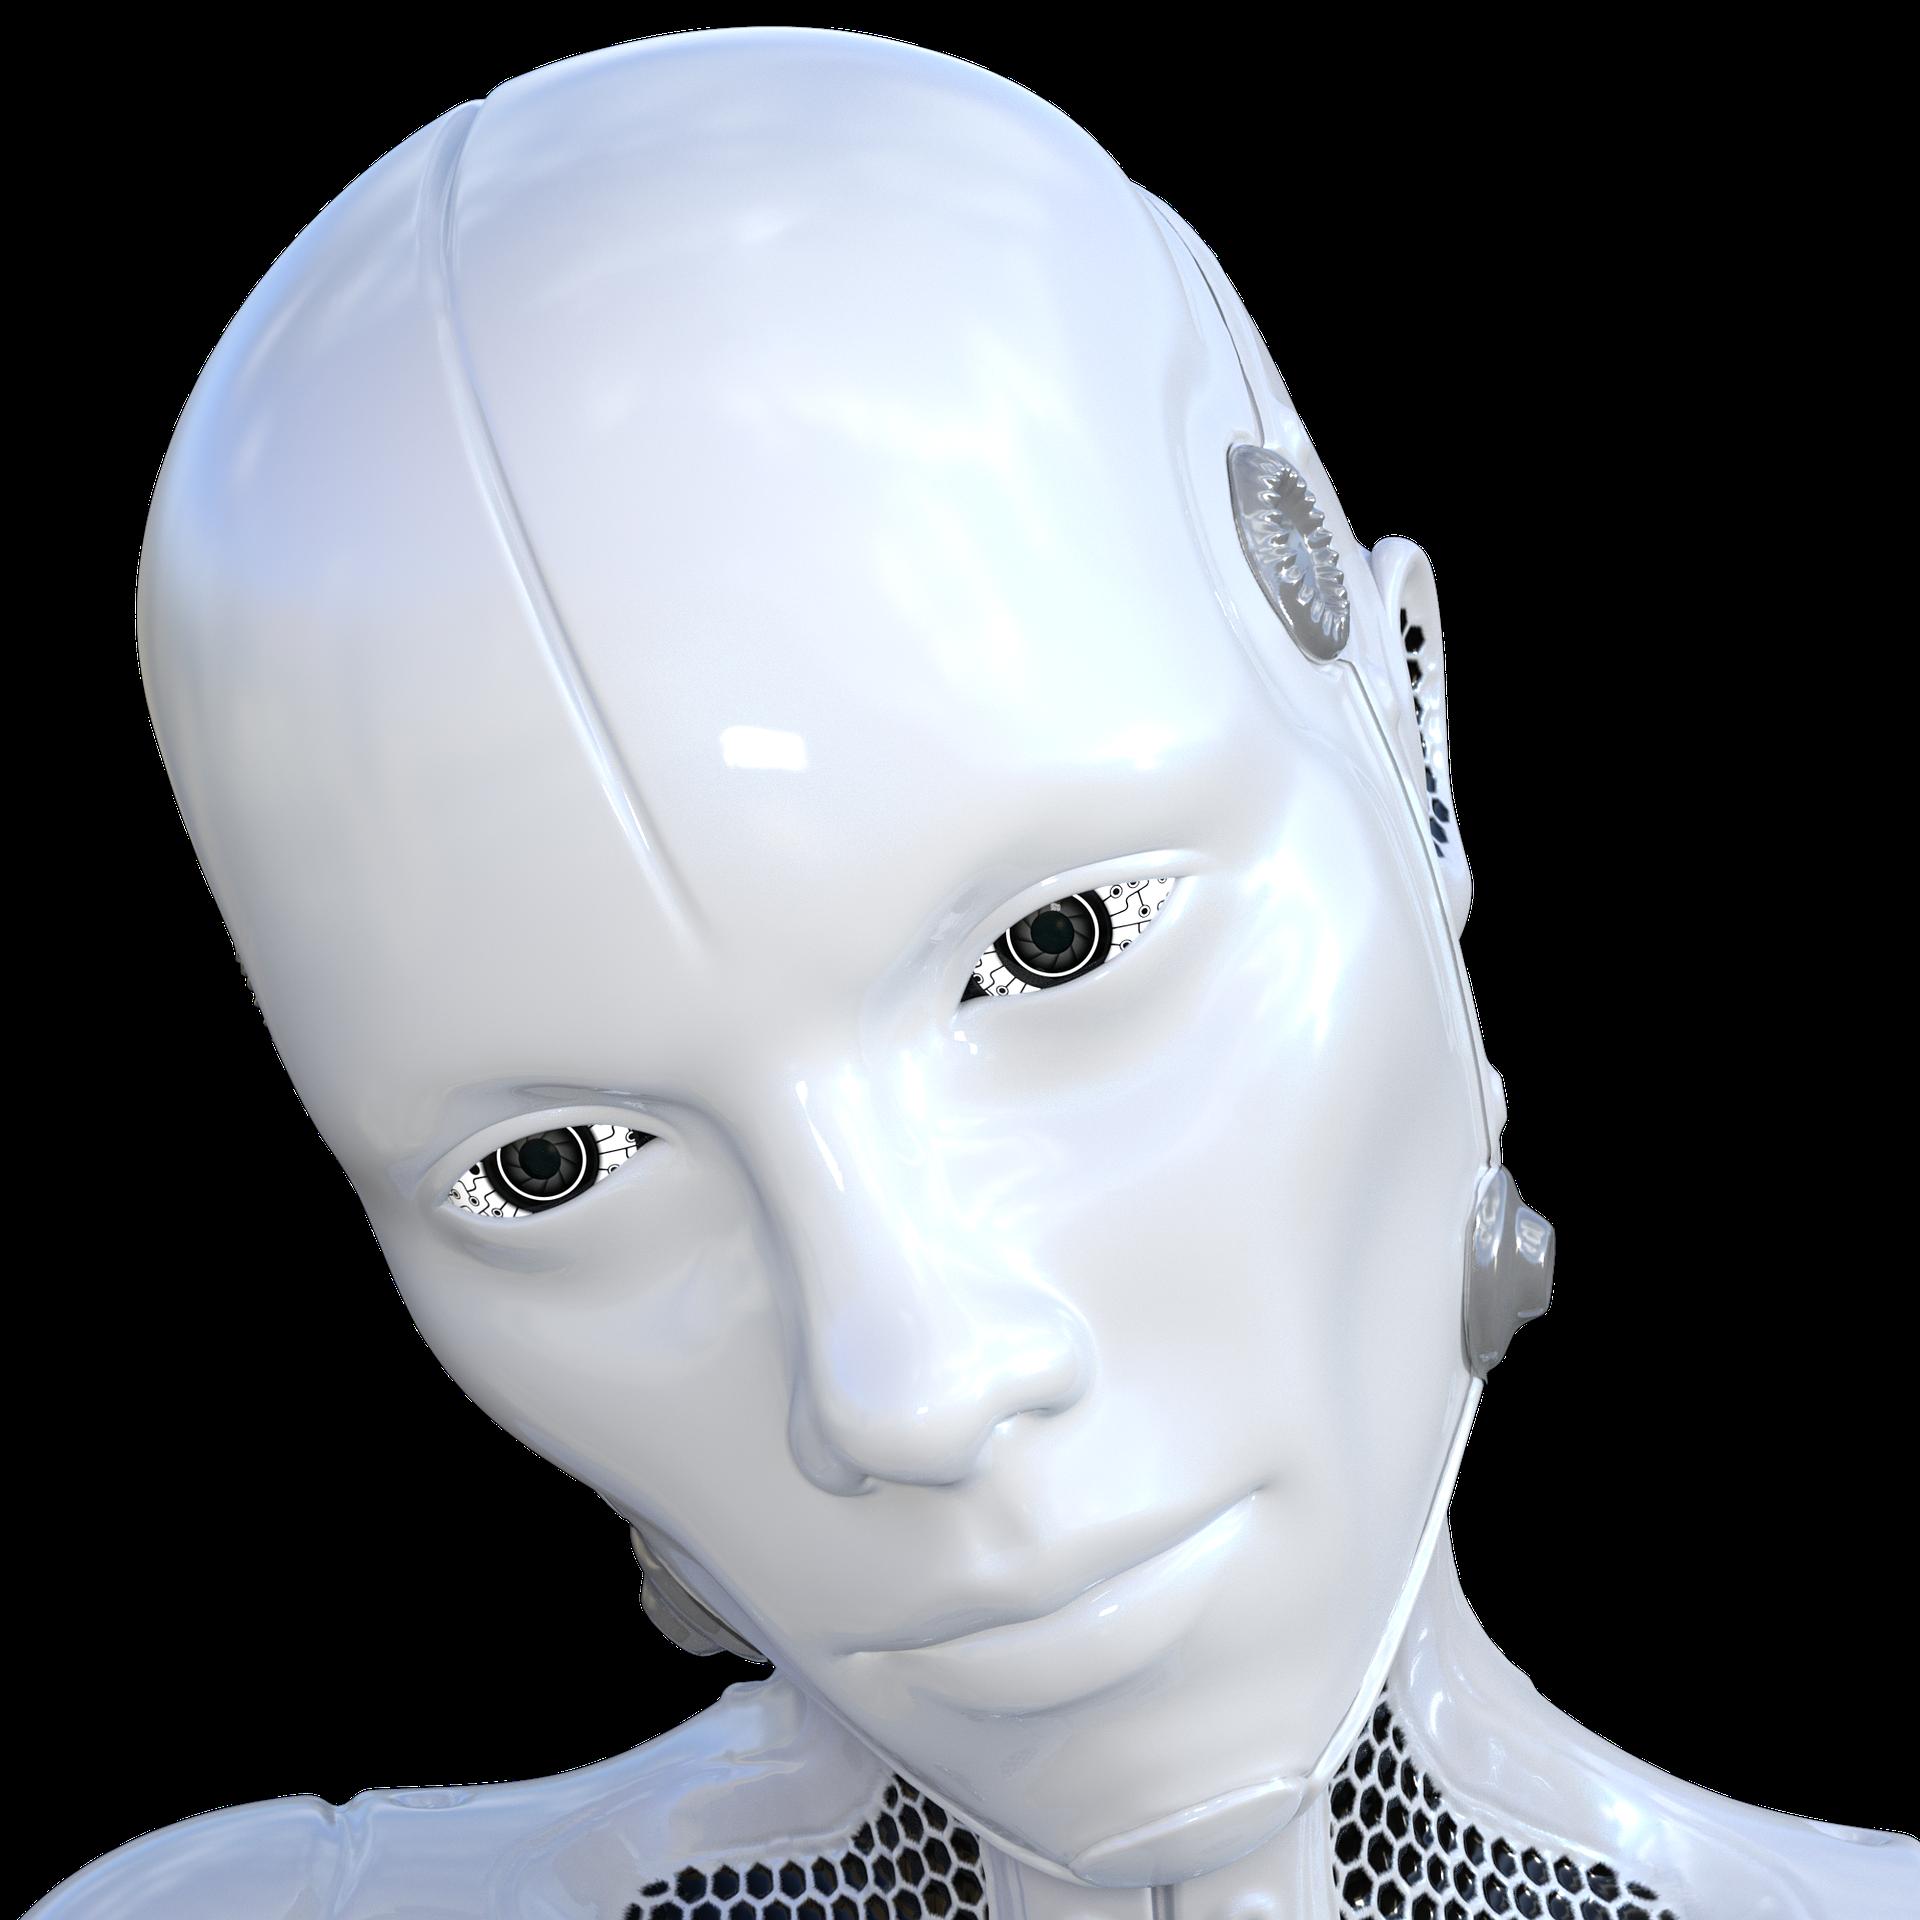 Obrázek: Zákony robotiky Isaaca Asimova: platí i v roce 2020?